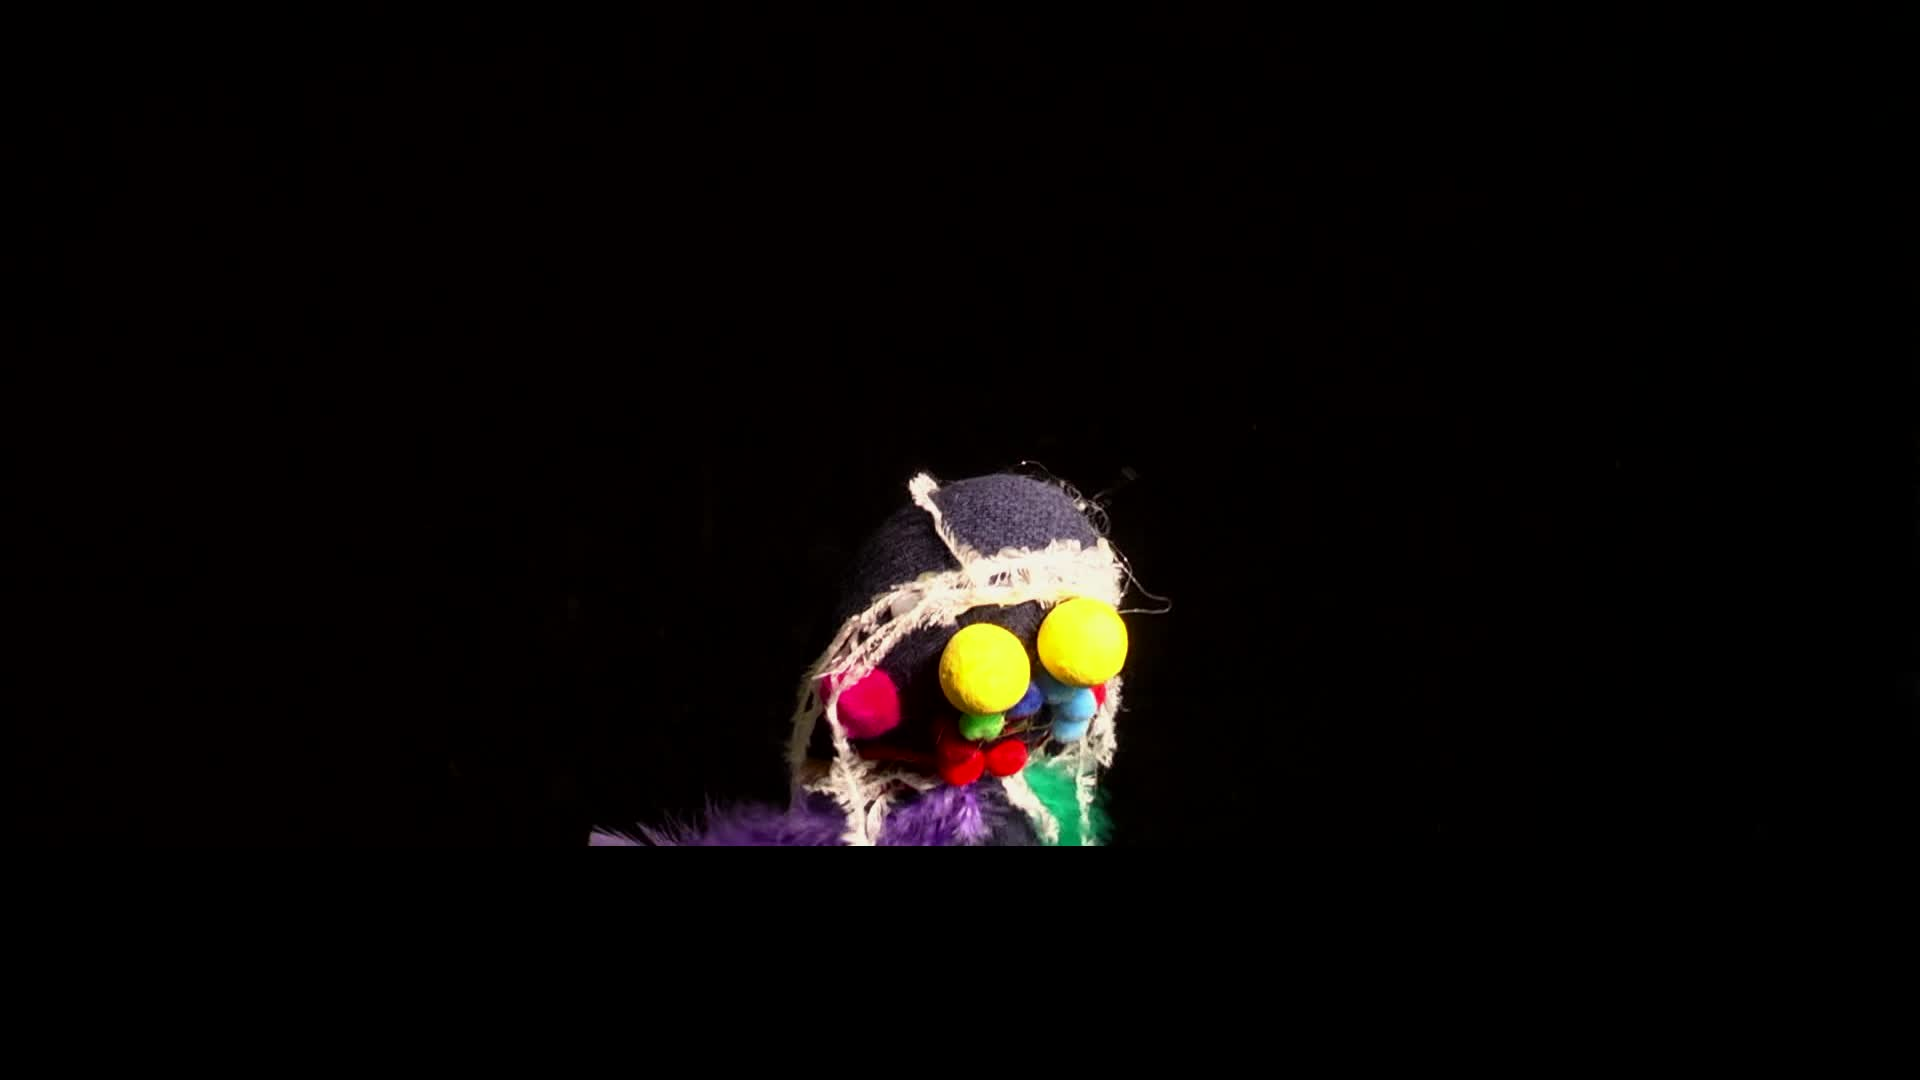 Puppenspiel - Witzeshow